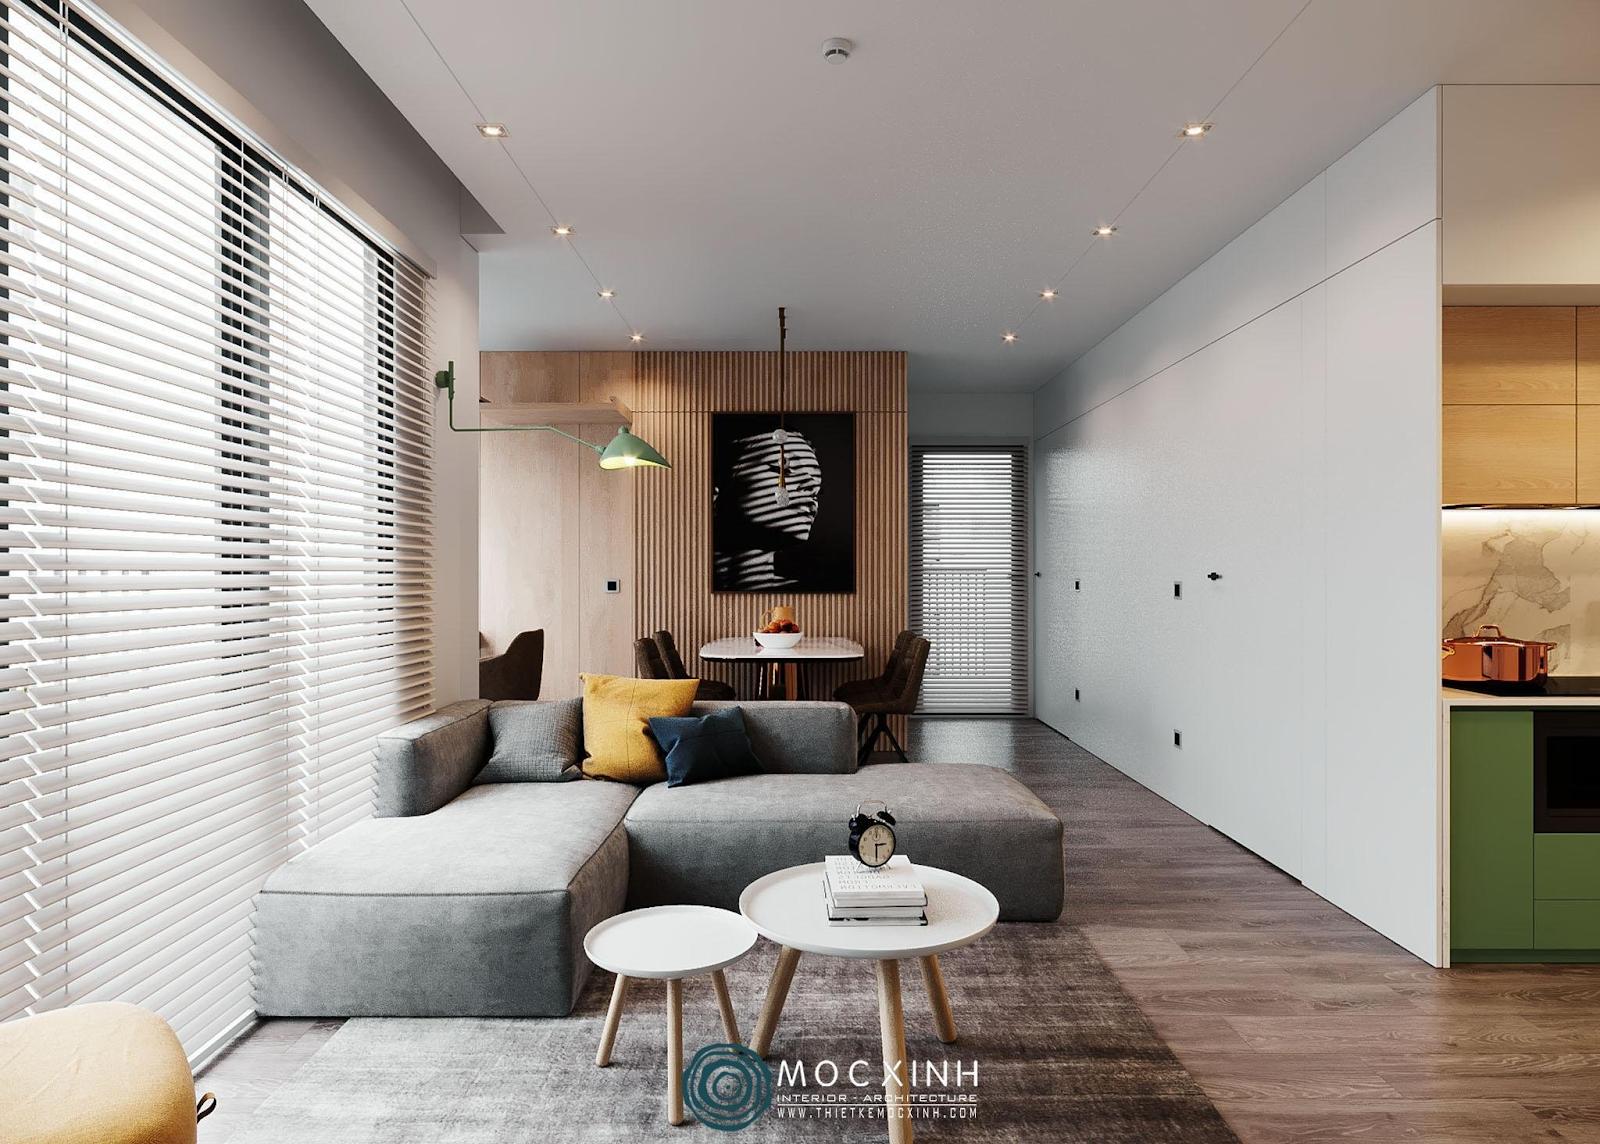 Những ý tưởng độc đáo cho thiết kế nội thất căn hộ chung cư hiện đại đẹp nhất - Ảnh 5.